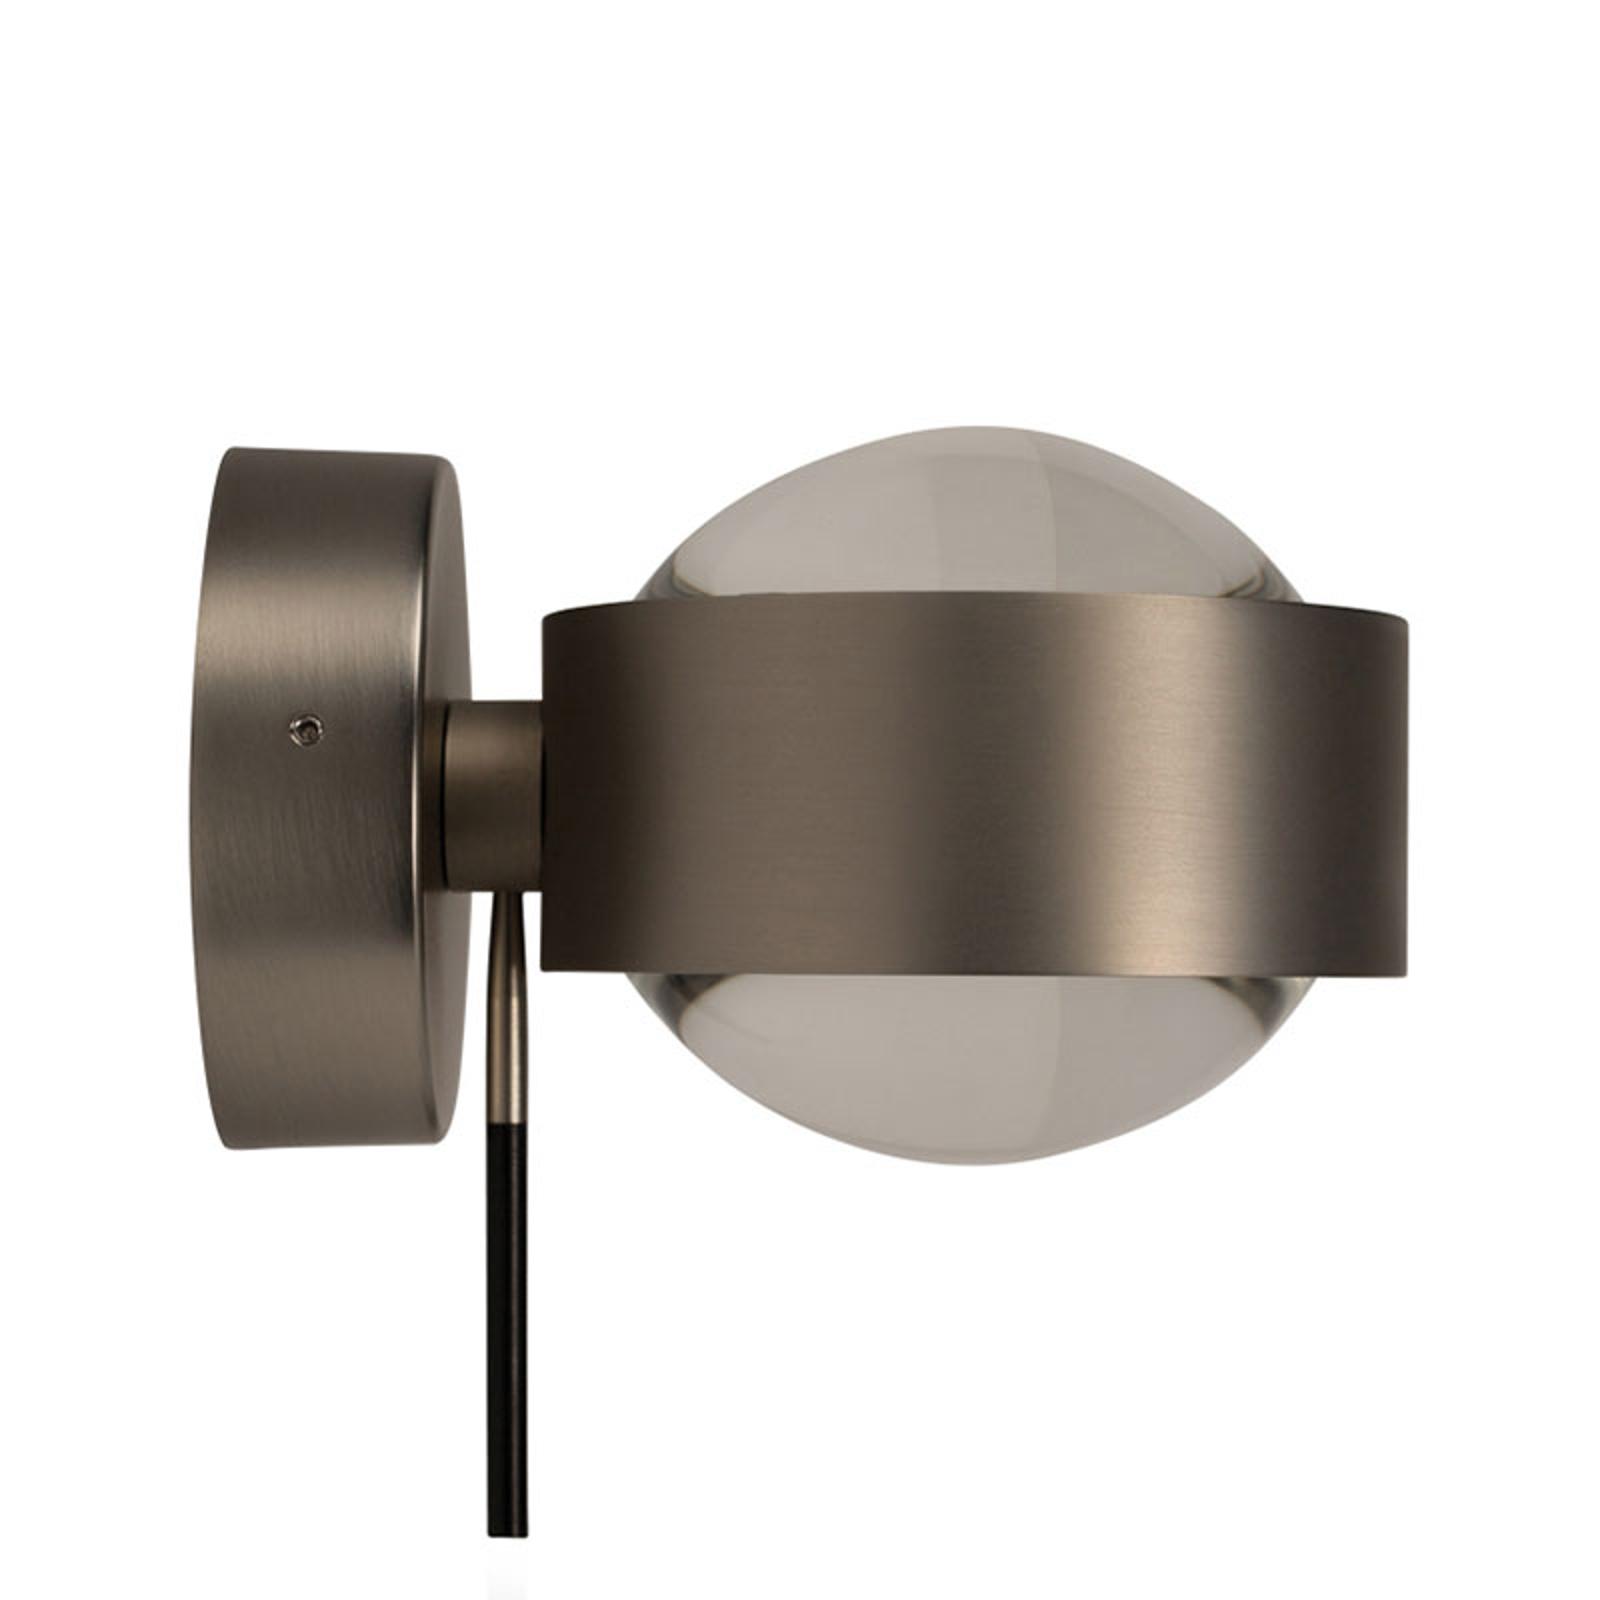 LED-vegglampe Puk Wall+ i moderne metallstil